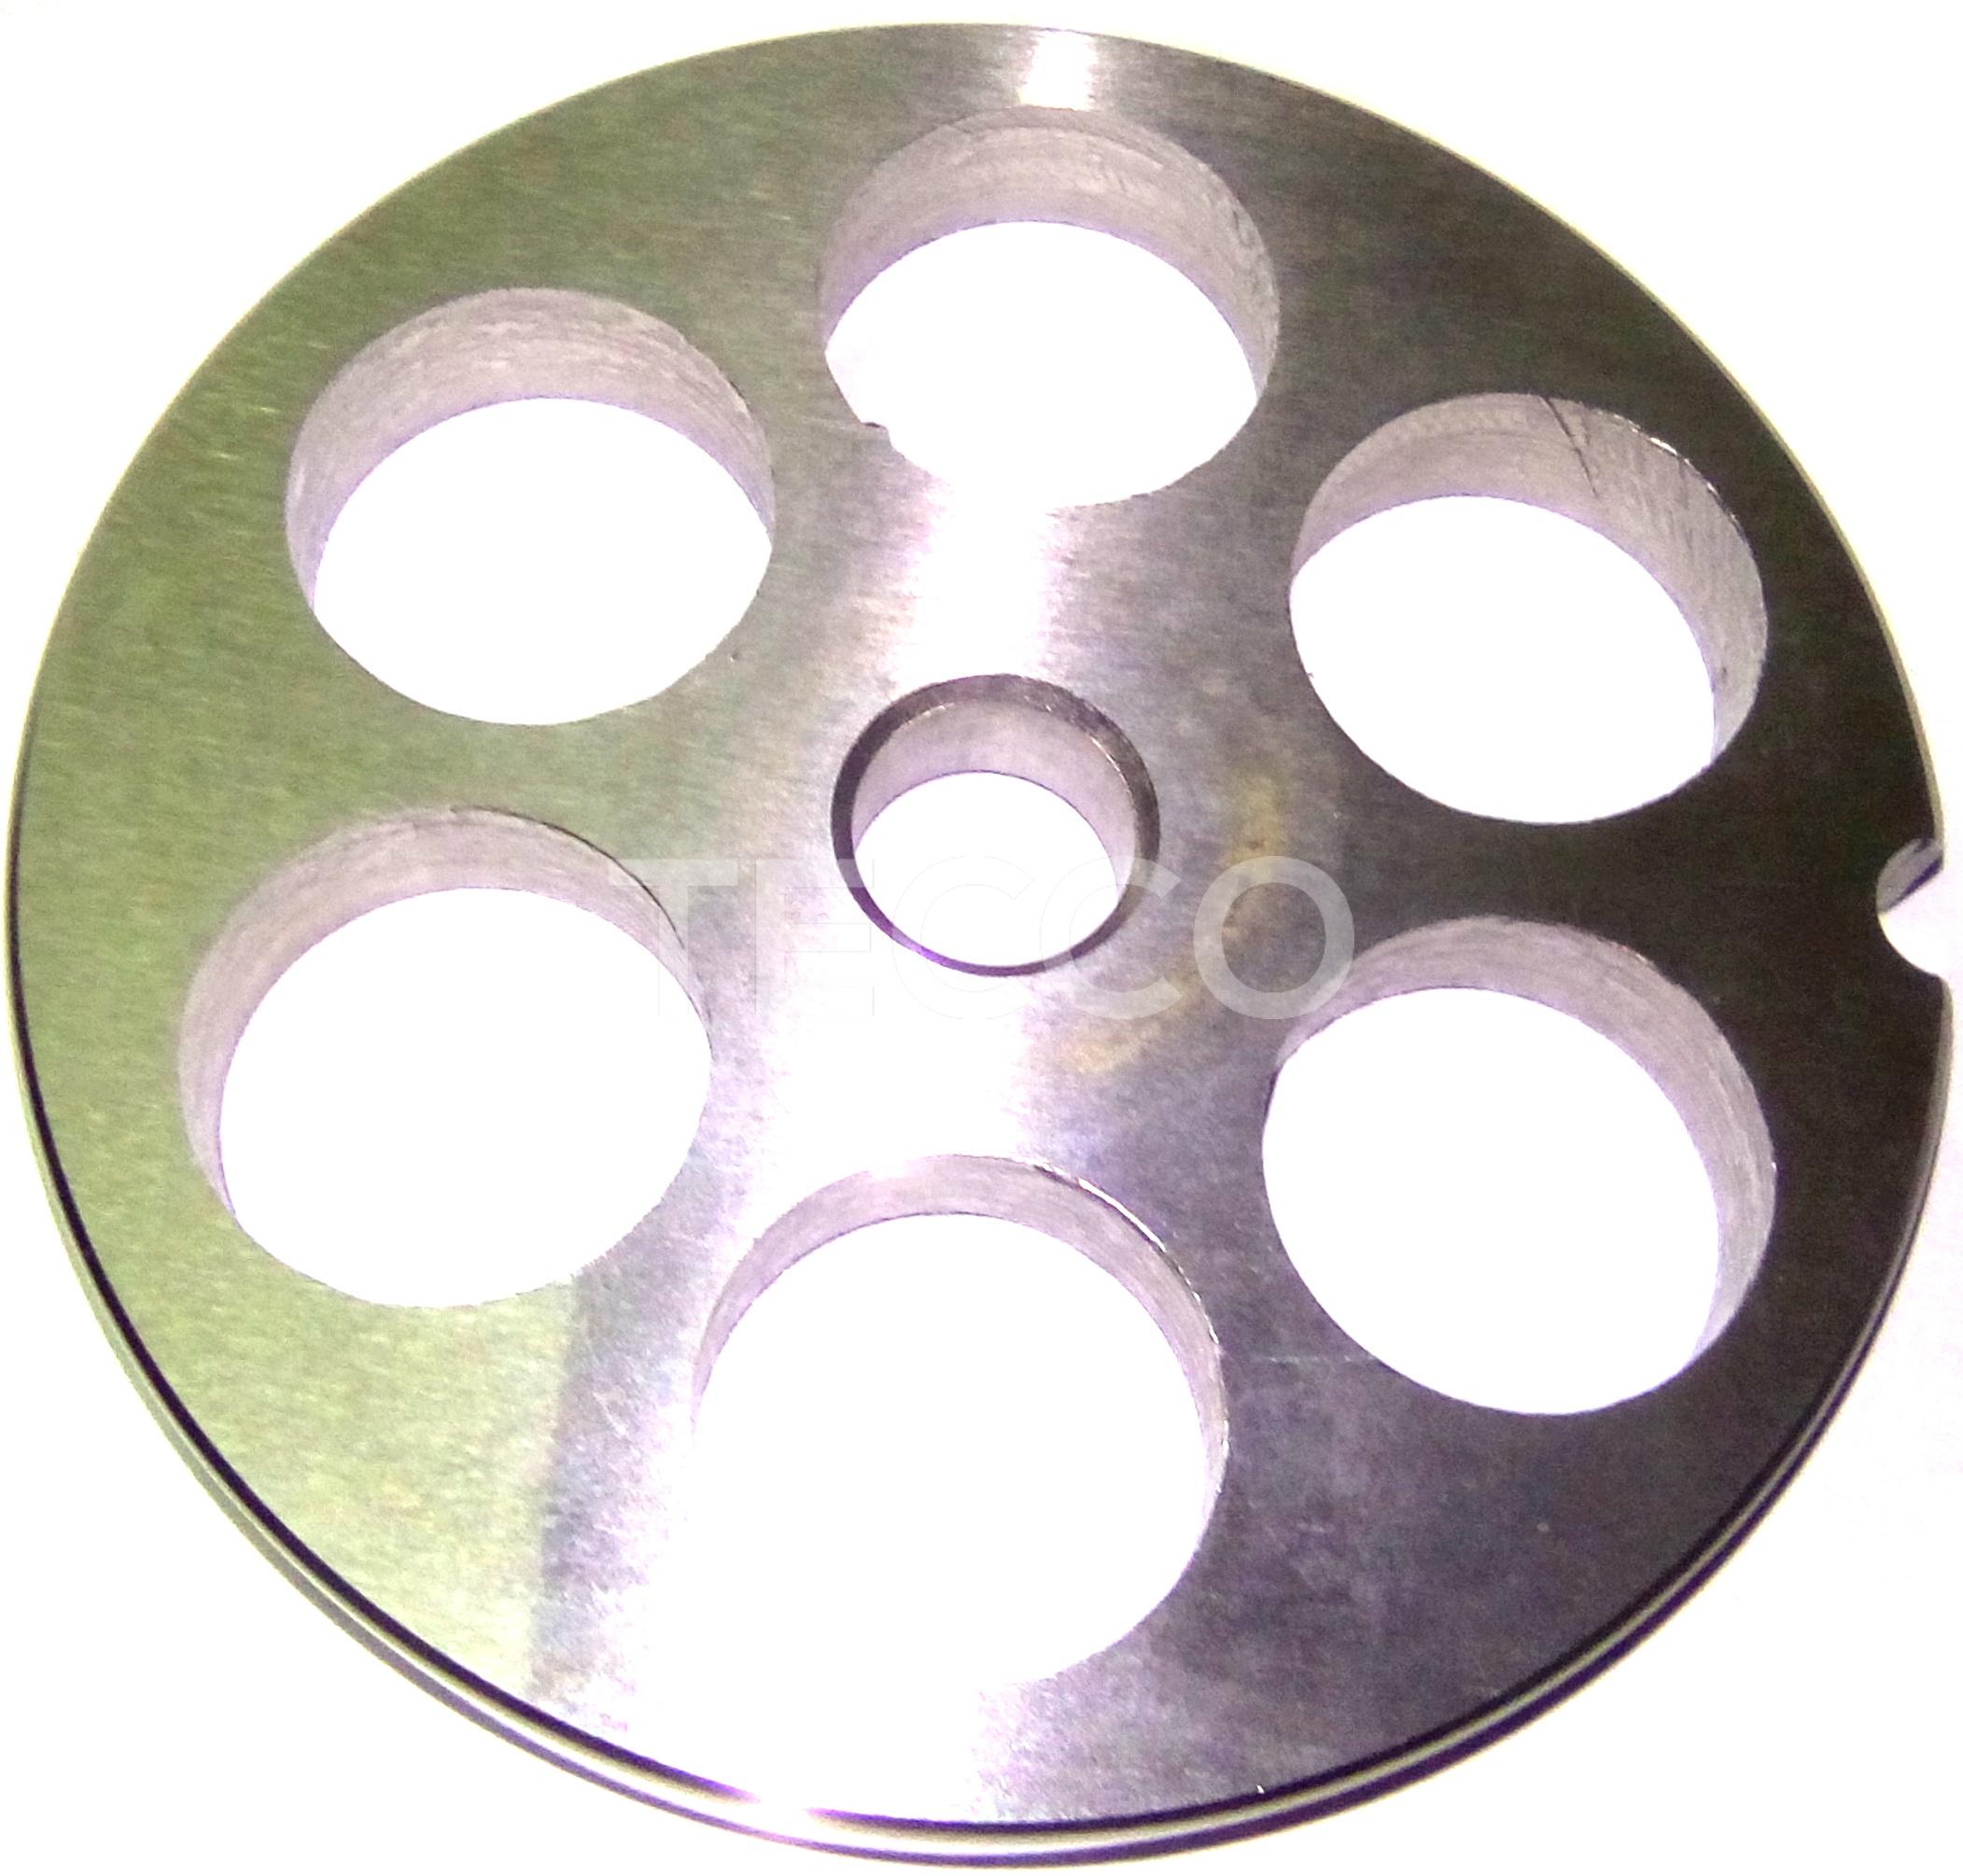 Решетка 18 мм для мясорубки модели 12 системы Enterprise